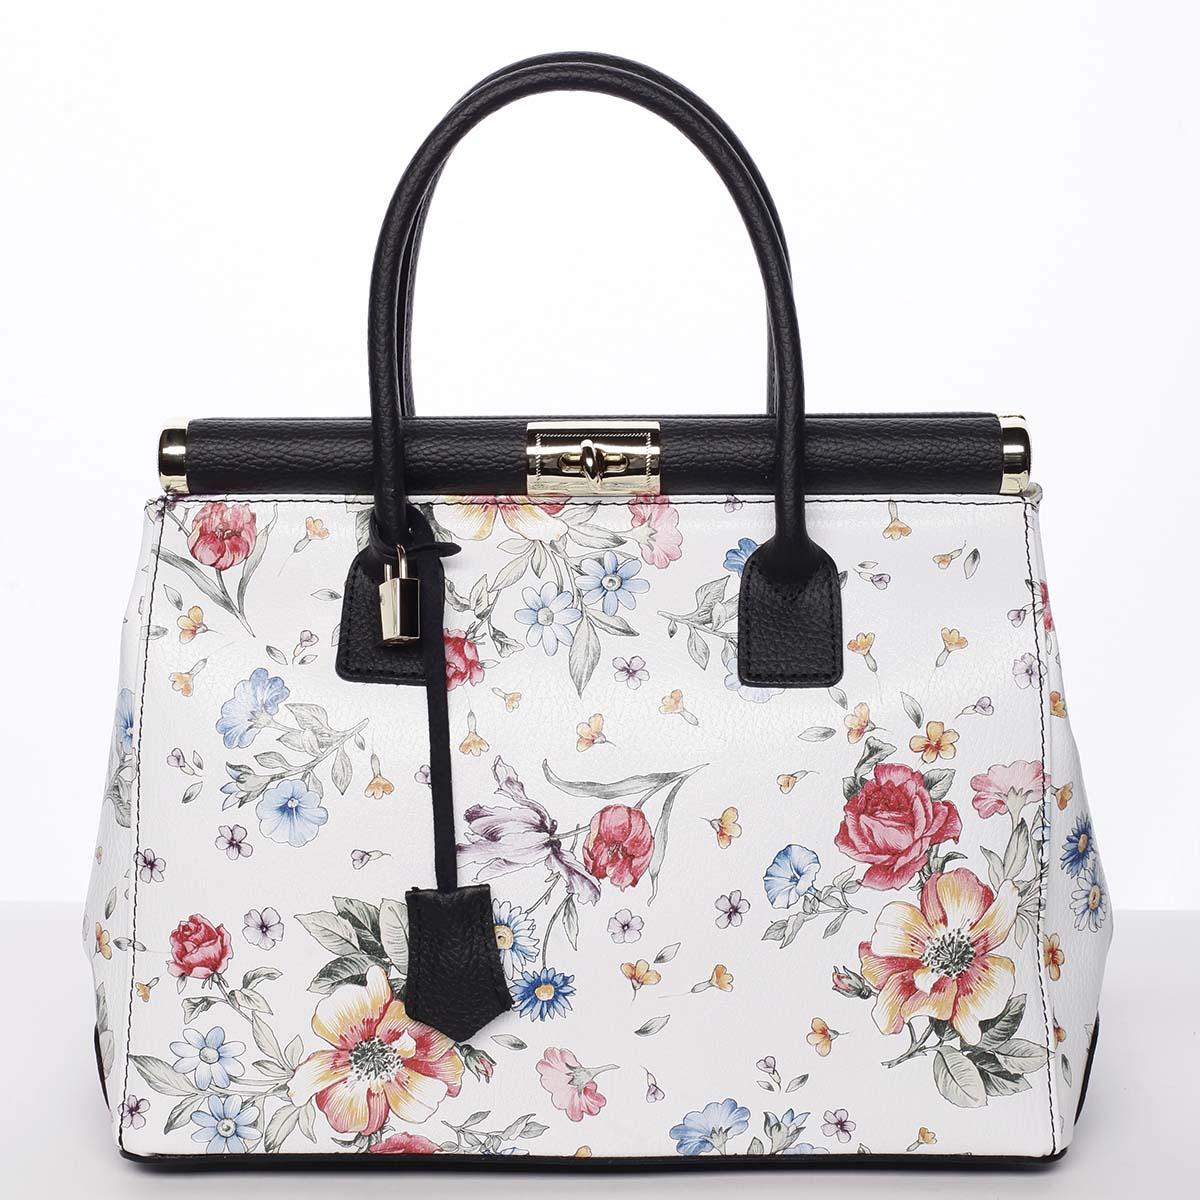 Módní originální dámská kožená kabelka do ruky květinová černá - ItalY Hila